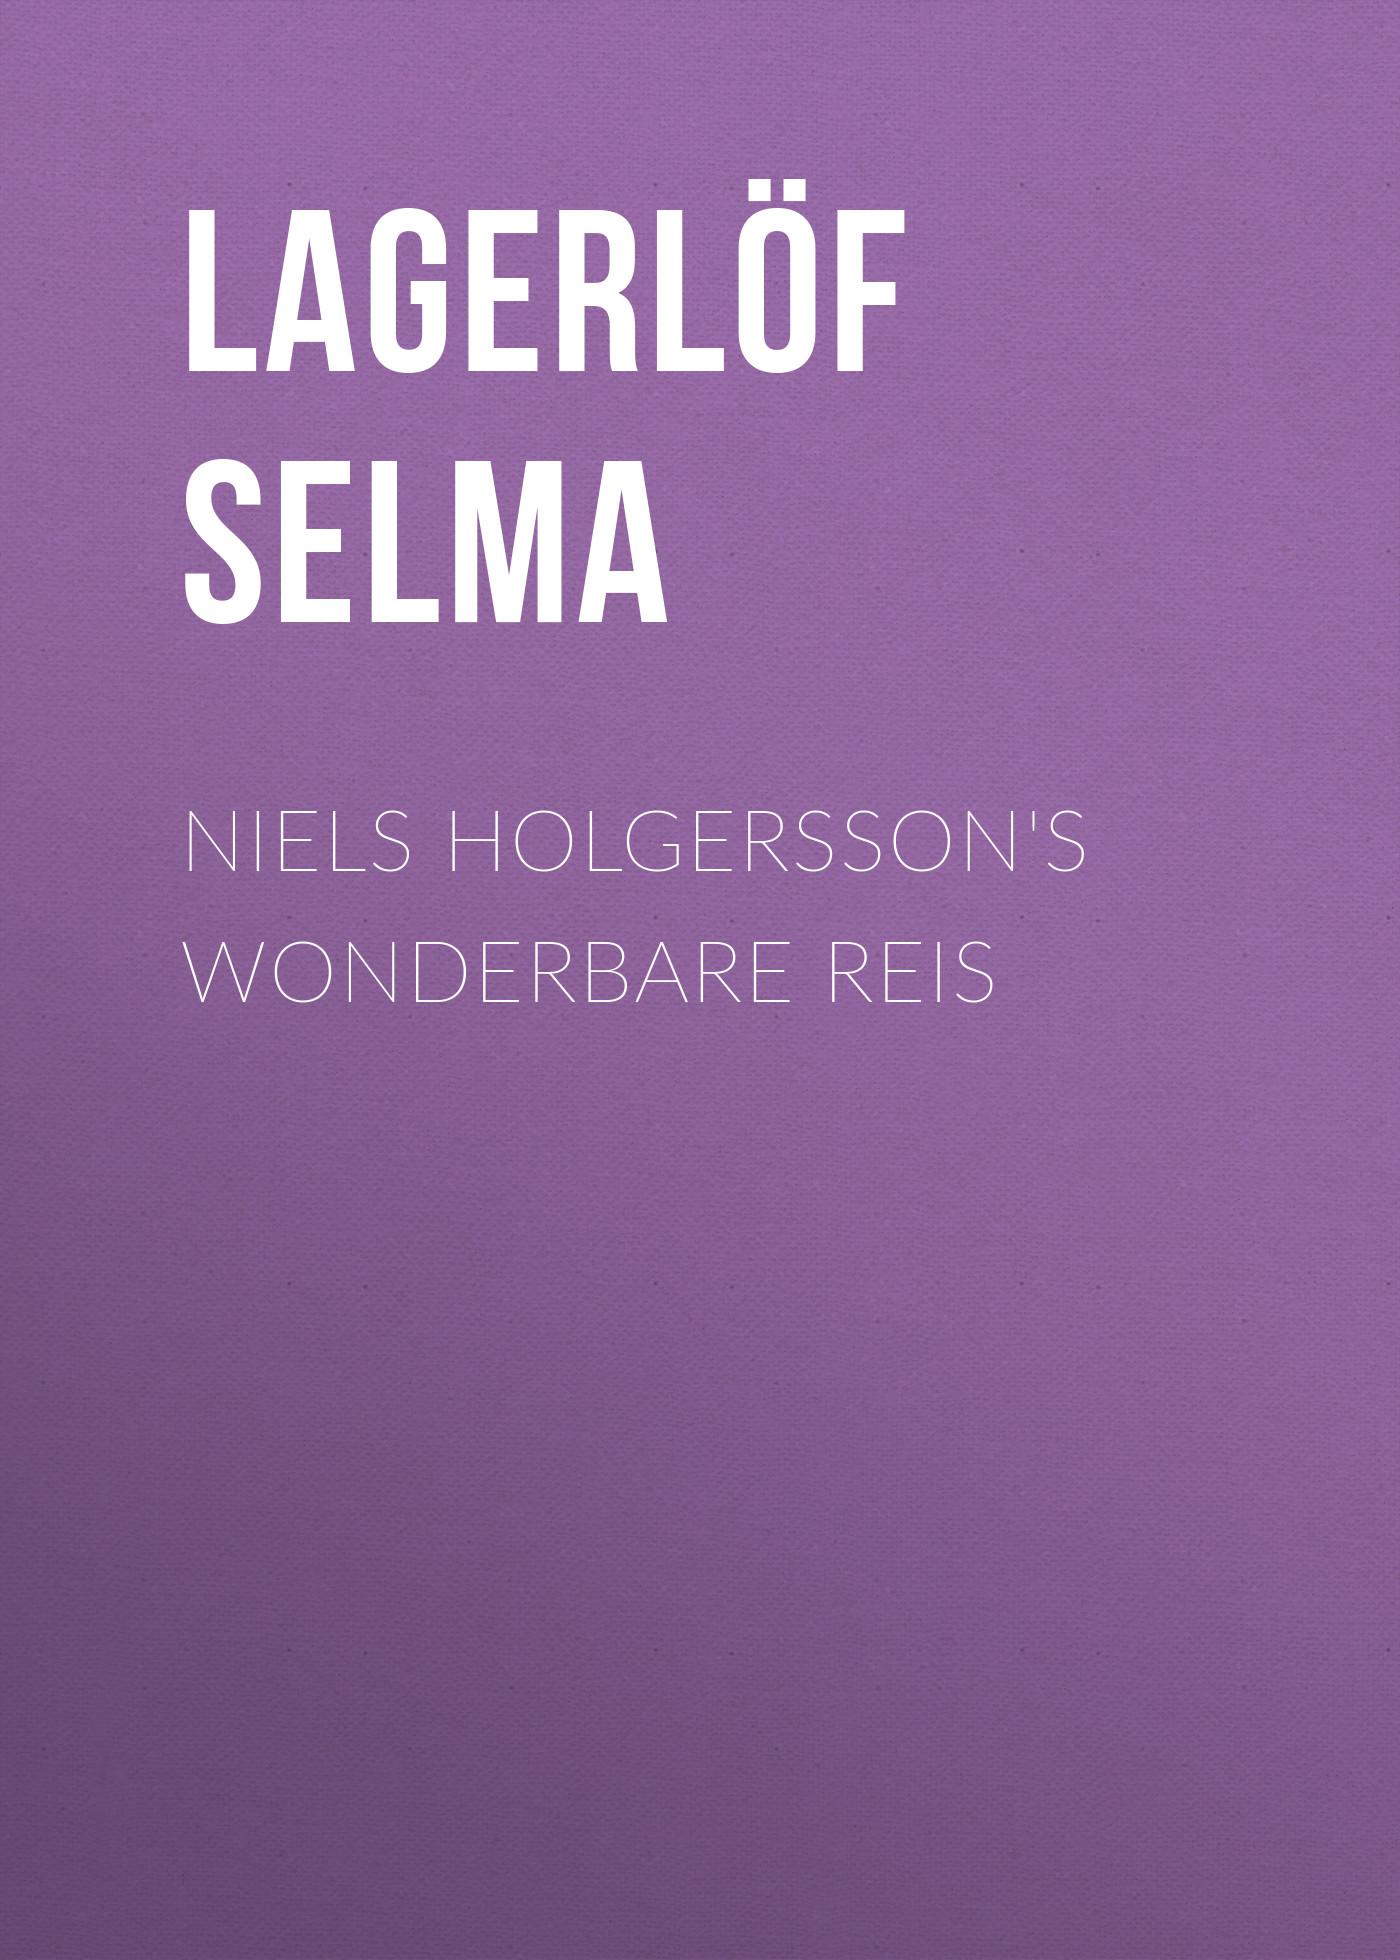 все цены на Lagerlöf Selma Niels Holgersson's Wonderbare Reis онлайн